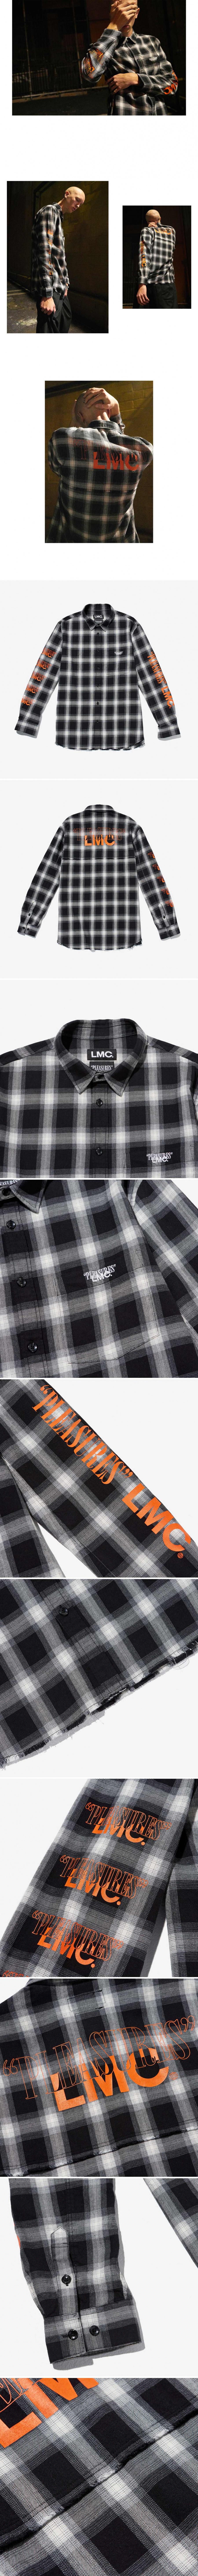 엘엠씨(LMC) LMC x PLEASURES MIXED LOGO PLAID SHIRT black